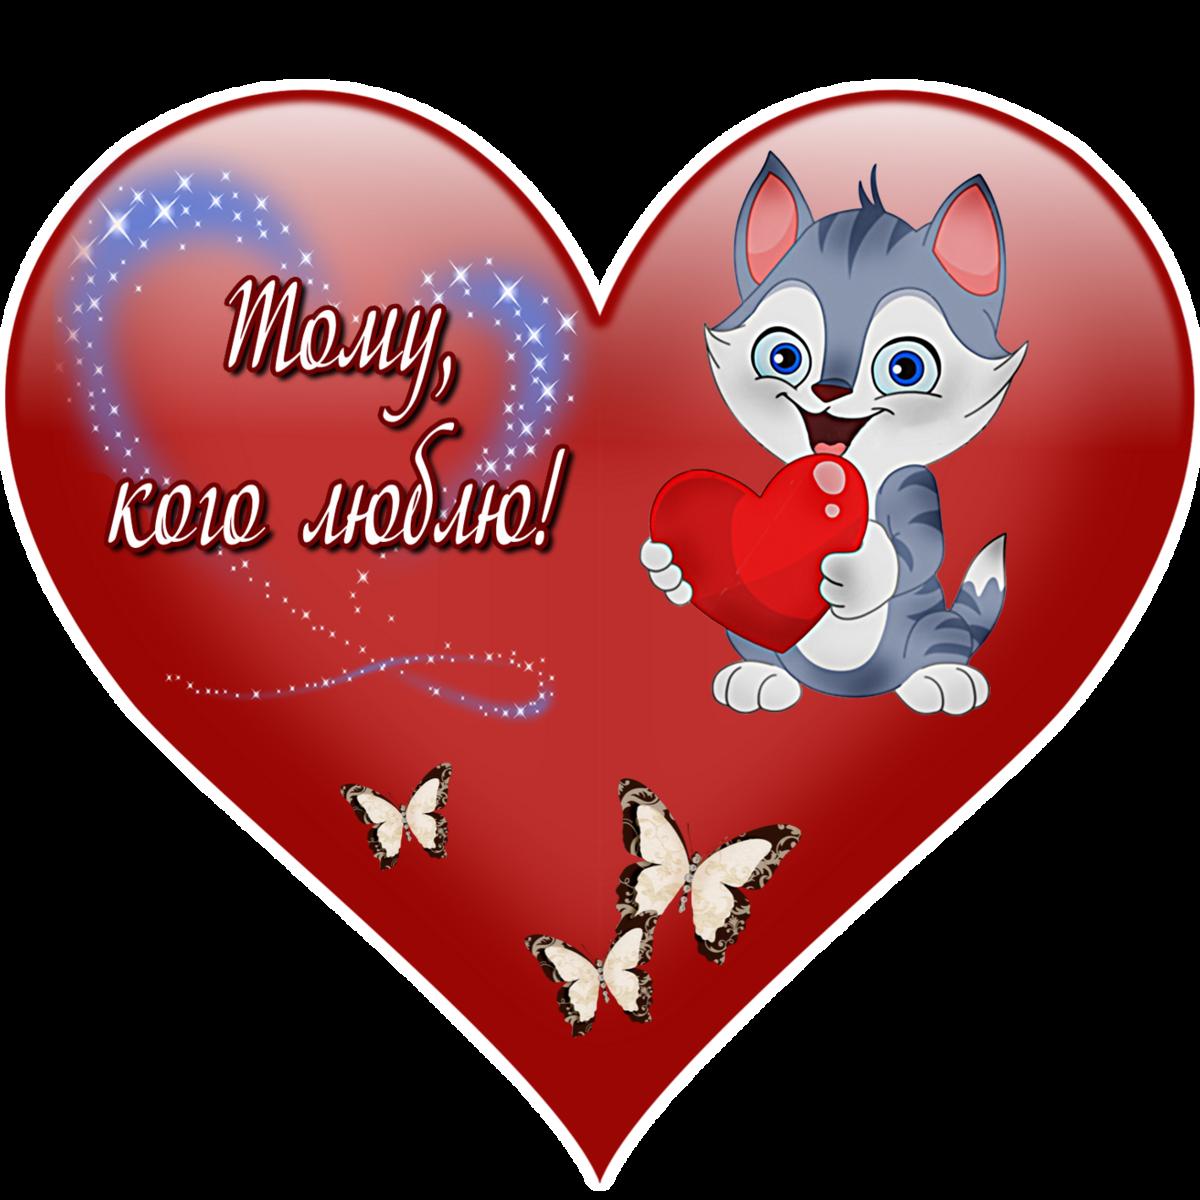 Открытка с сердцем для любимой, коте